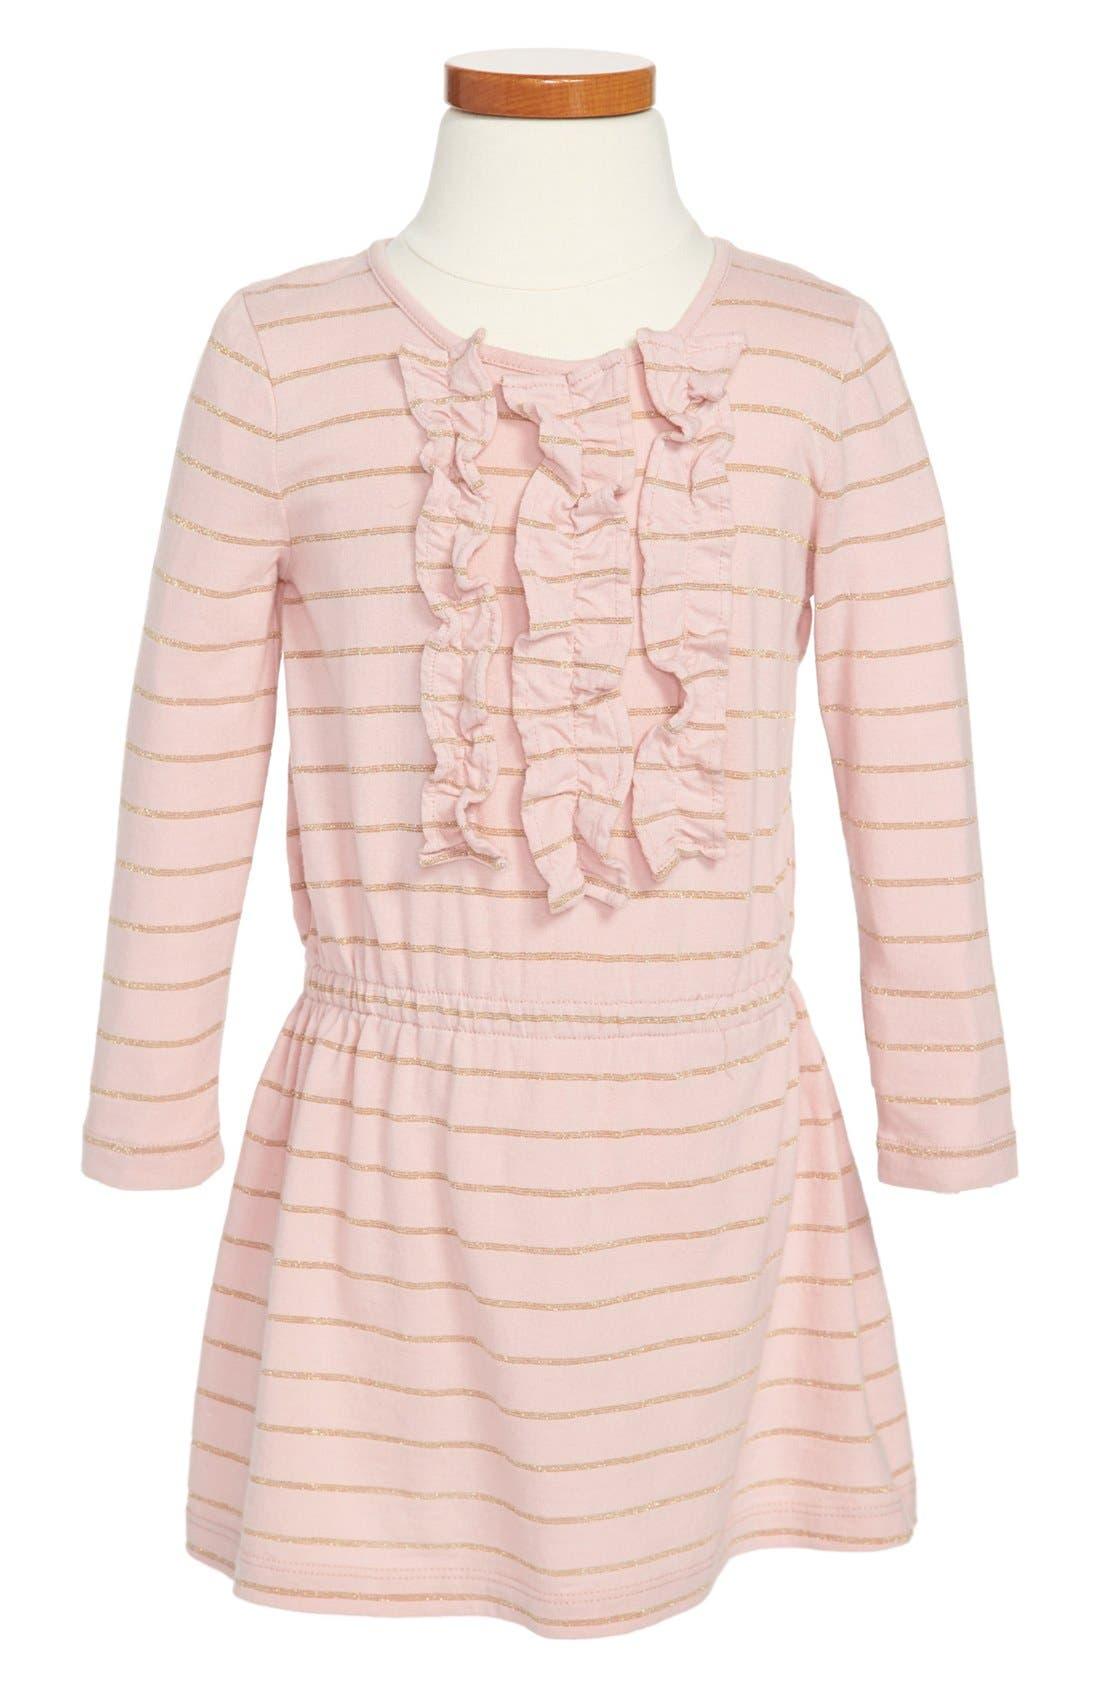 Alternate Image 1 Selected - Tucker + Tate 'Noelle' Ruffle Dress (Little Girls & Big Girls)